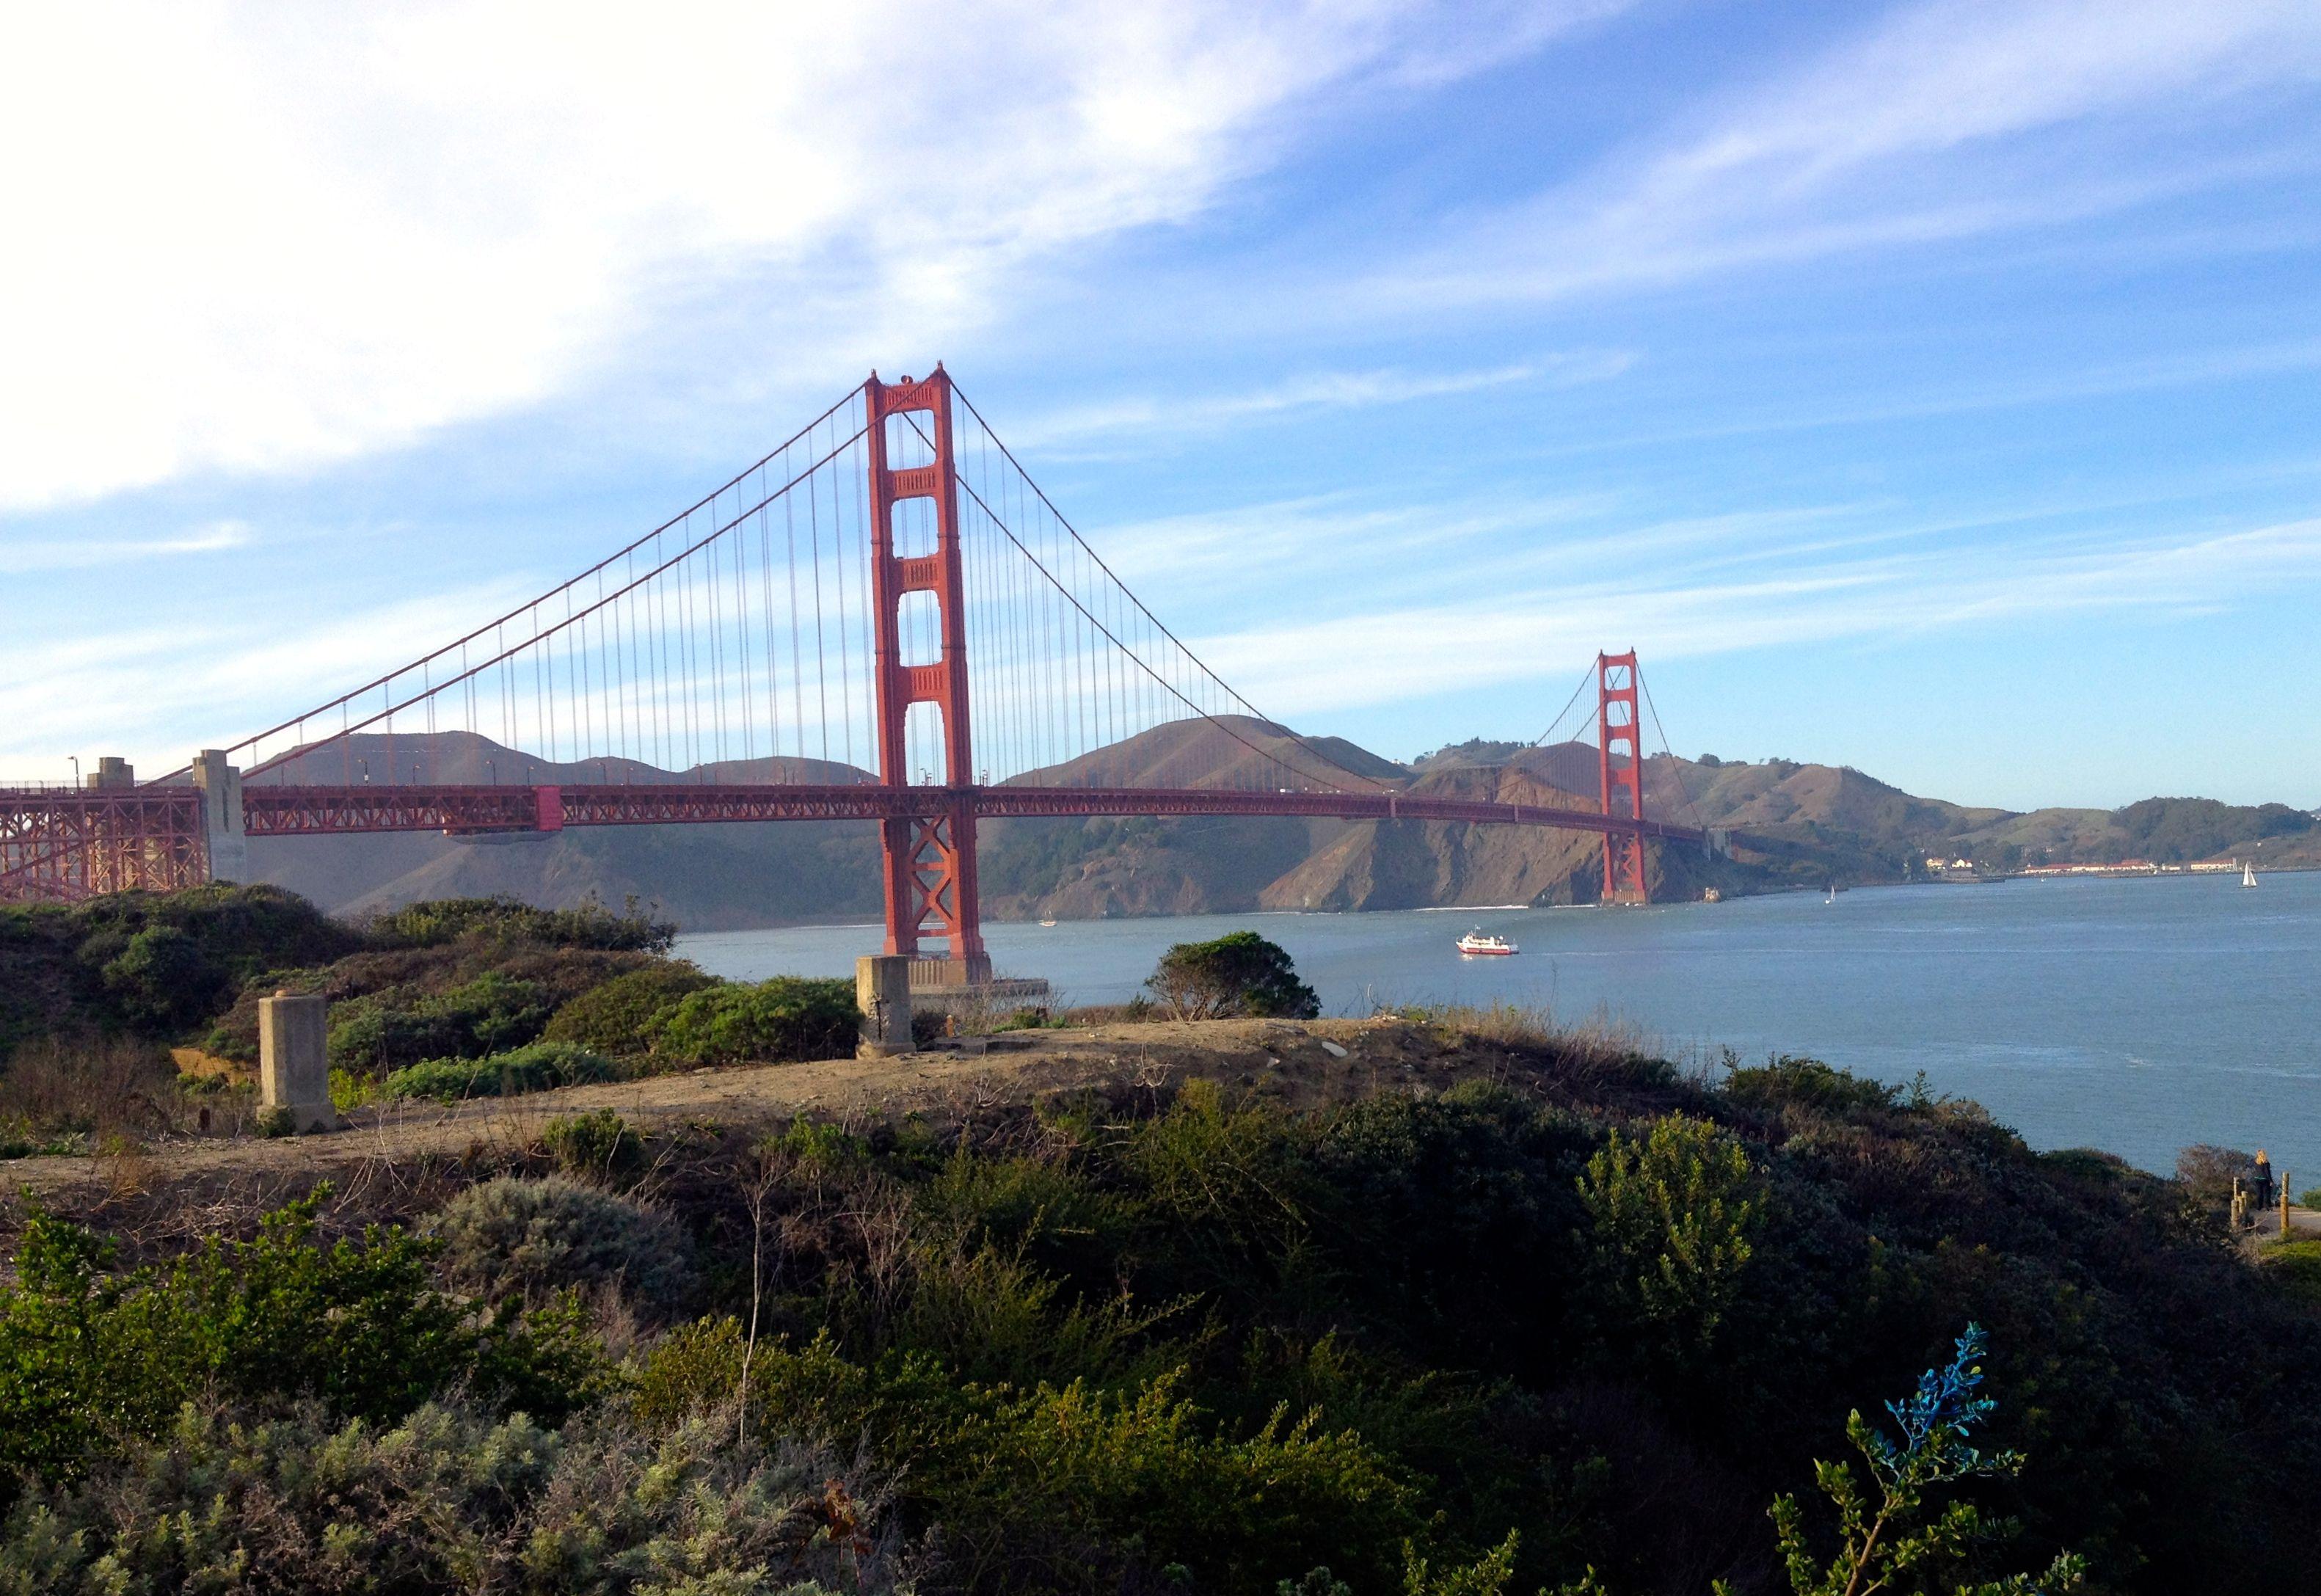 Riding bikes across the Golden Gate Bridge, San Francisco California